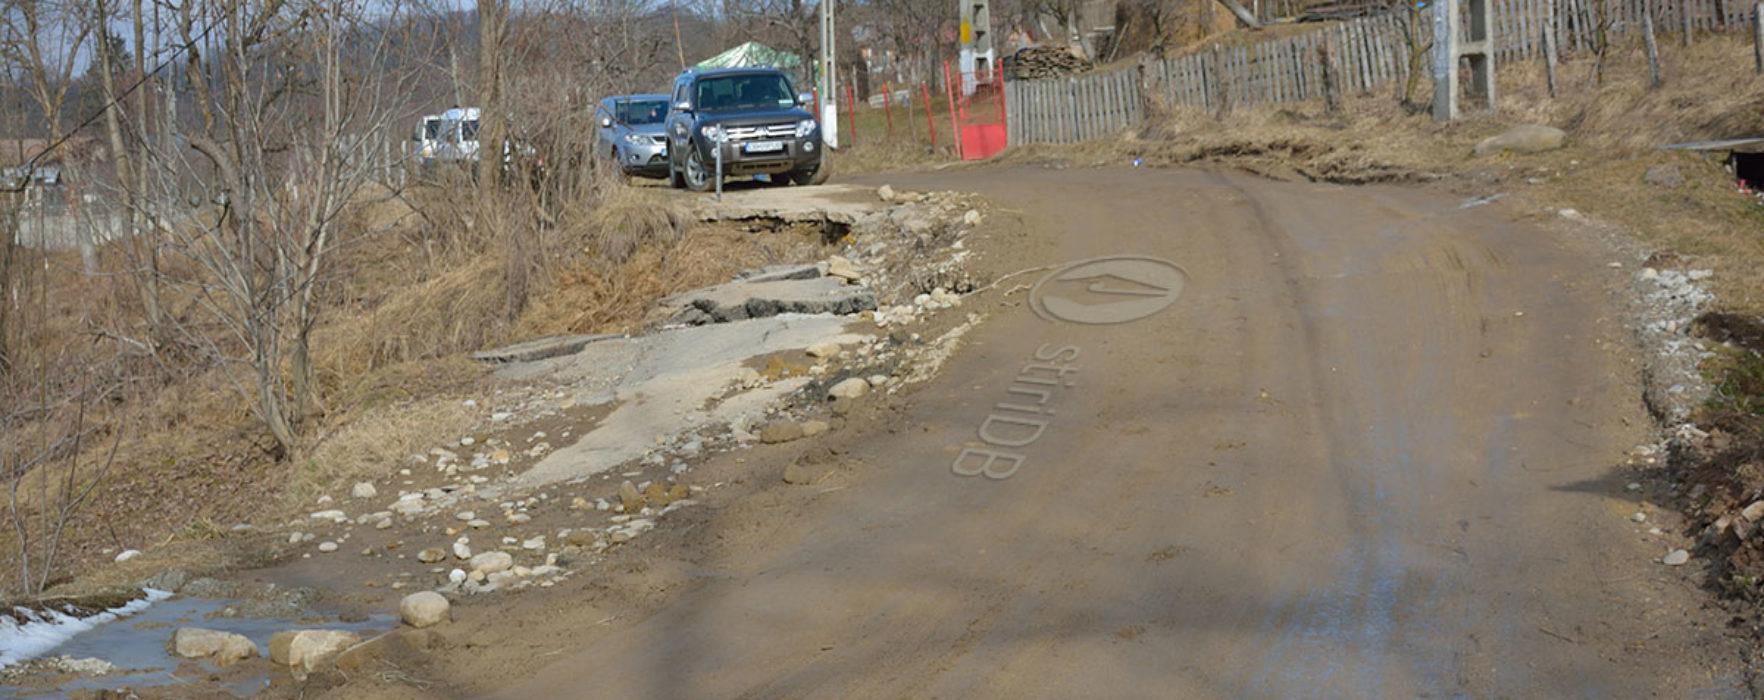 Se reiau lucrările de infrastructură de la Râul Alb, reabilitare după calamităţi